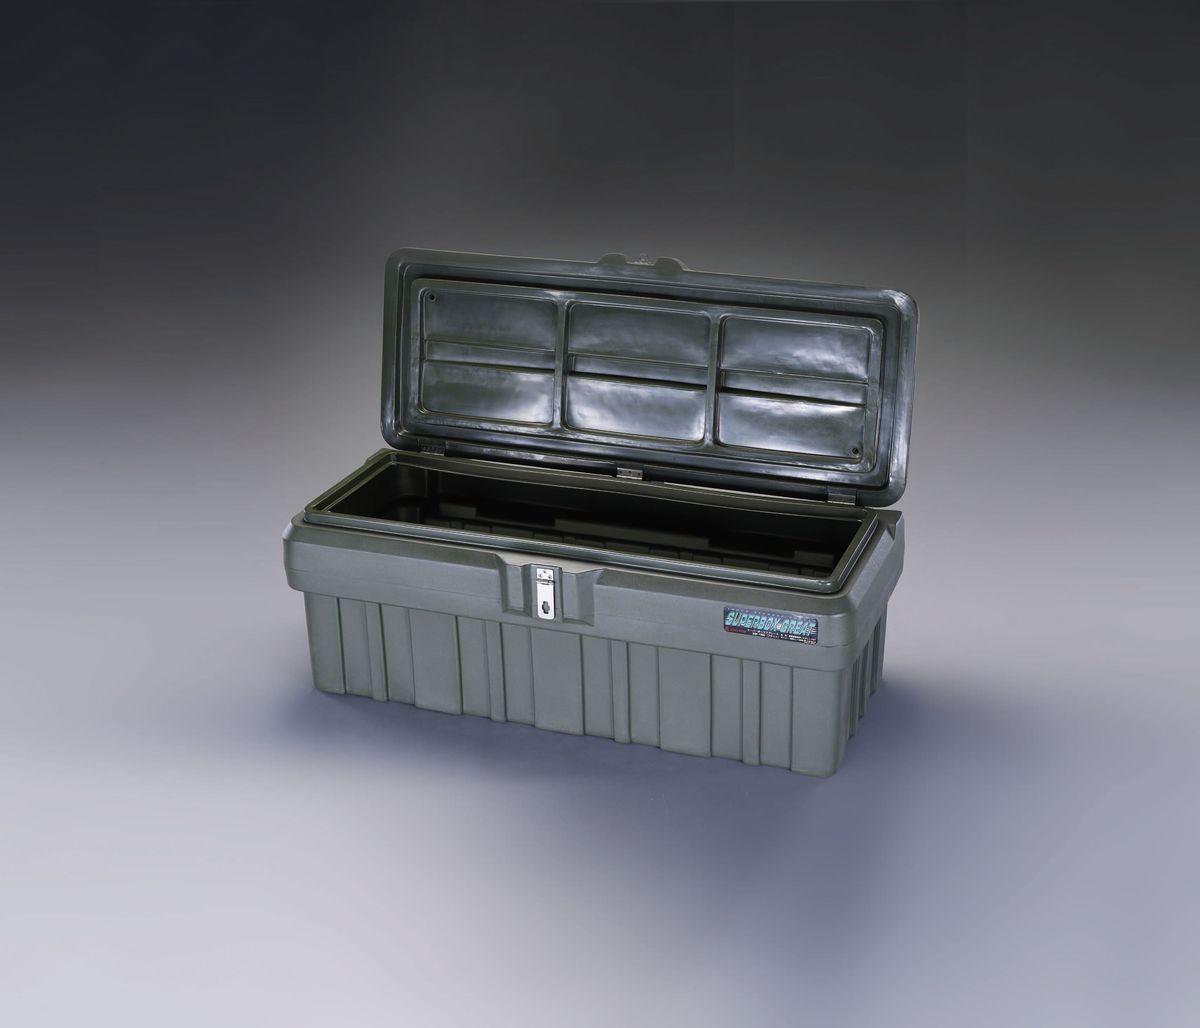 【メーカー在庫あり】 エスコ ESCO 1330x635x515mm 車載ケース 樹脂製/OD色 000012232666 JP店